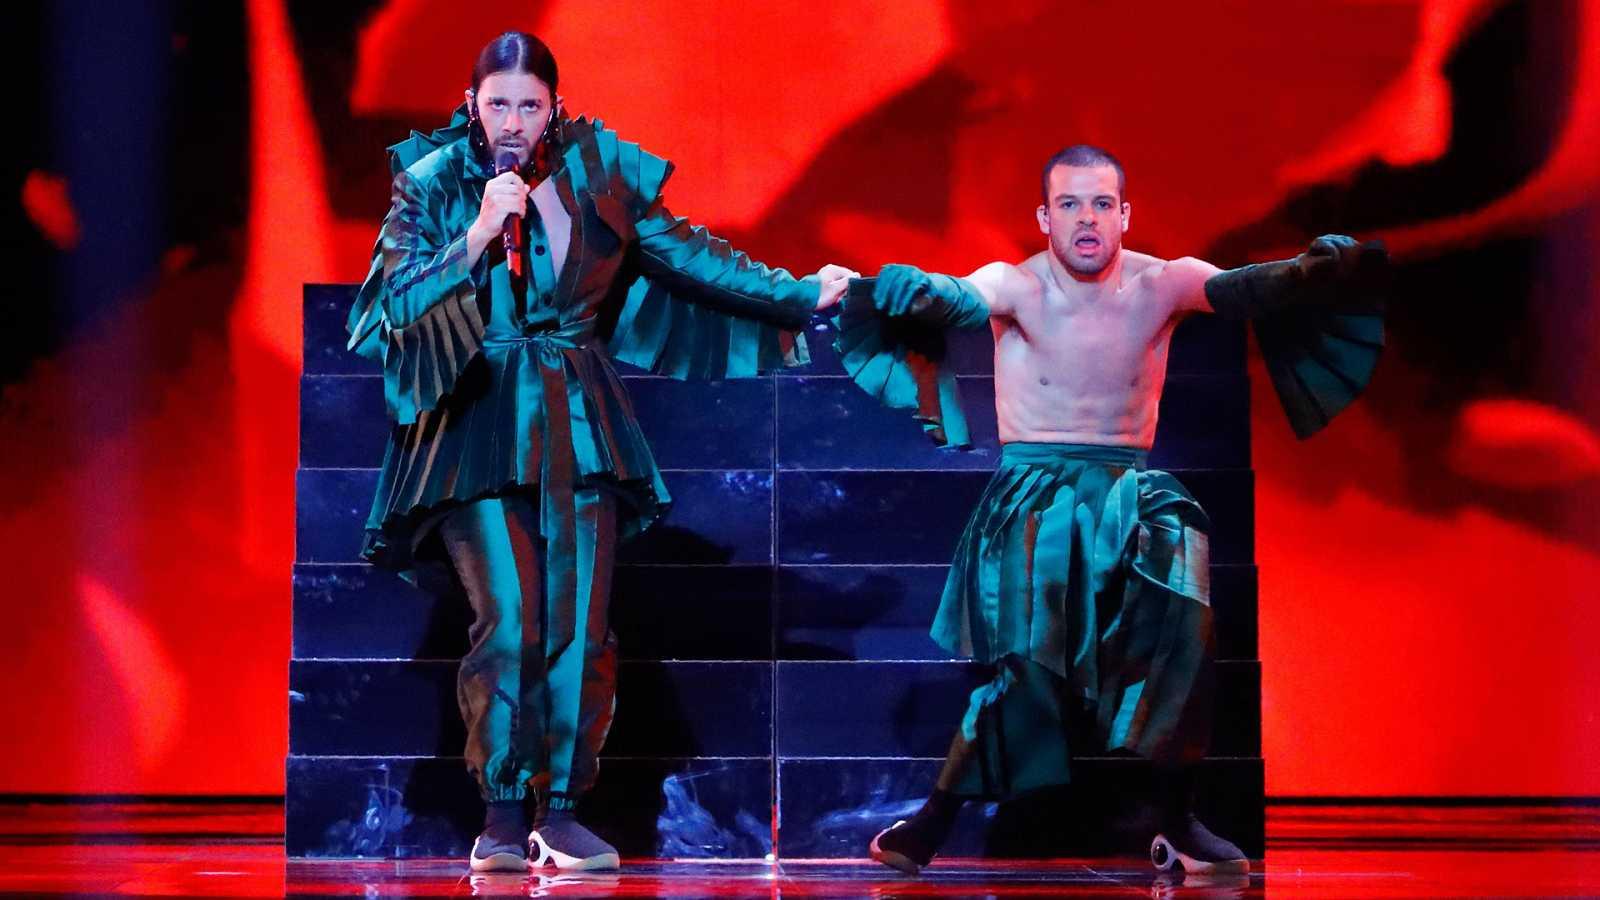 Resultado de imagem para conan osiris eurovision 2019